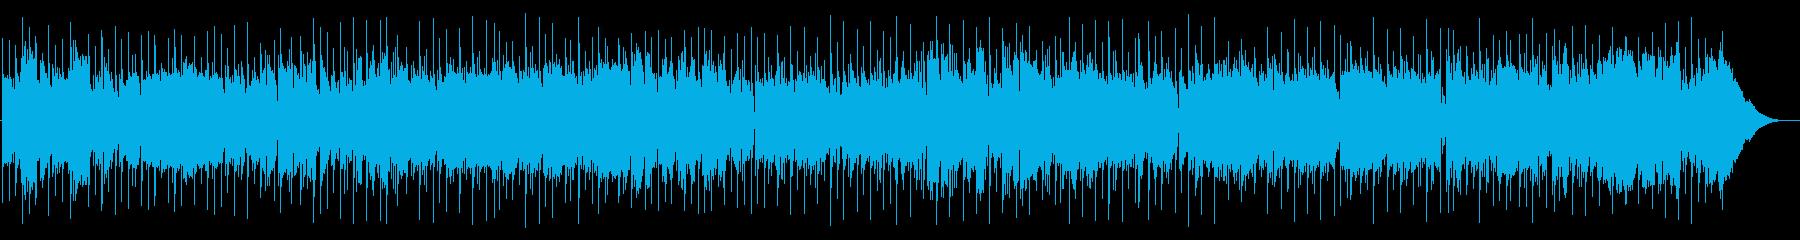 ブルーな気持ちの時に聞いてほしい作品の再生済みの波形